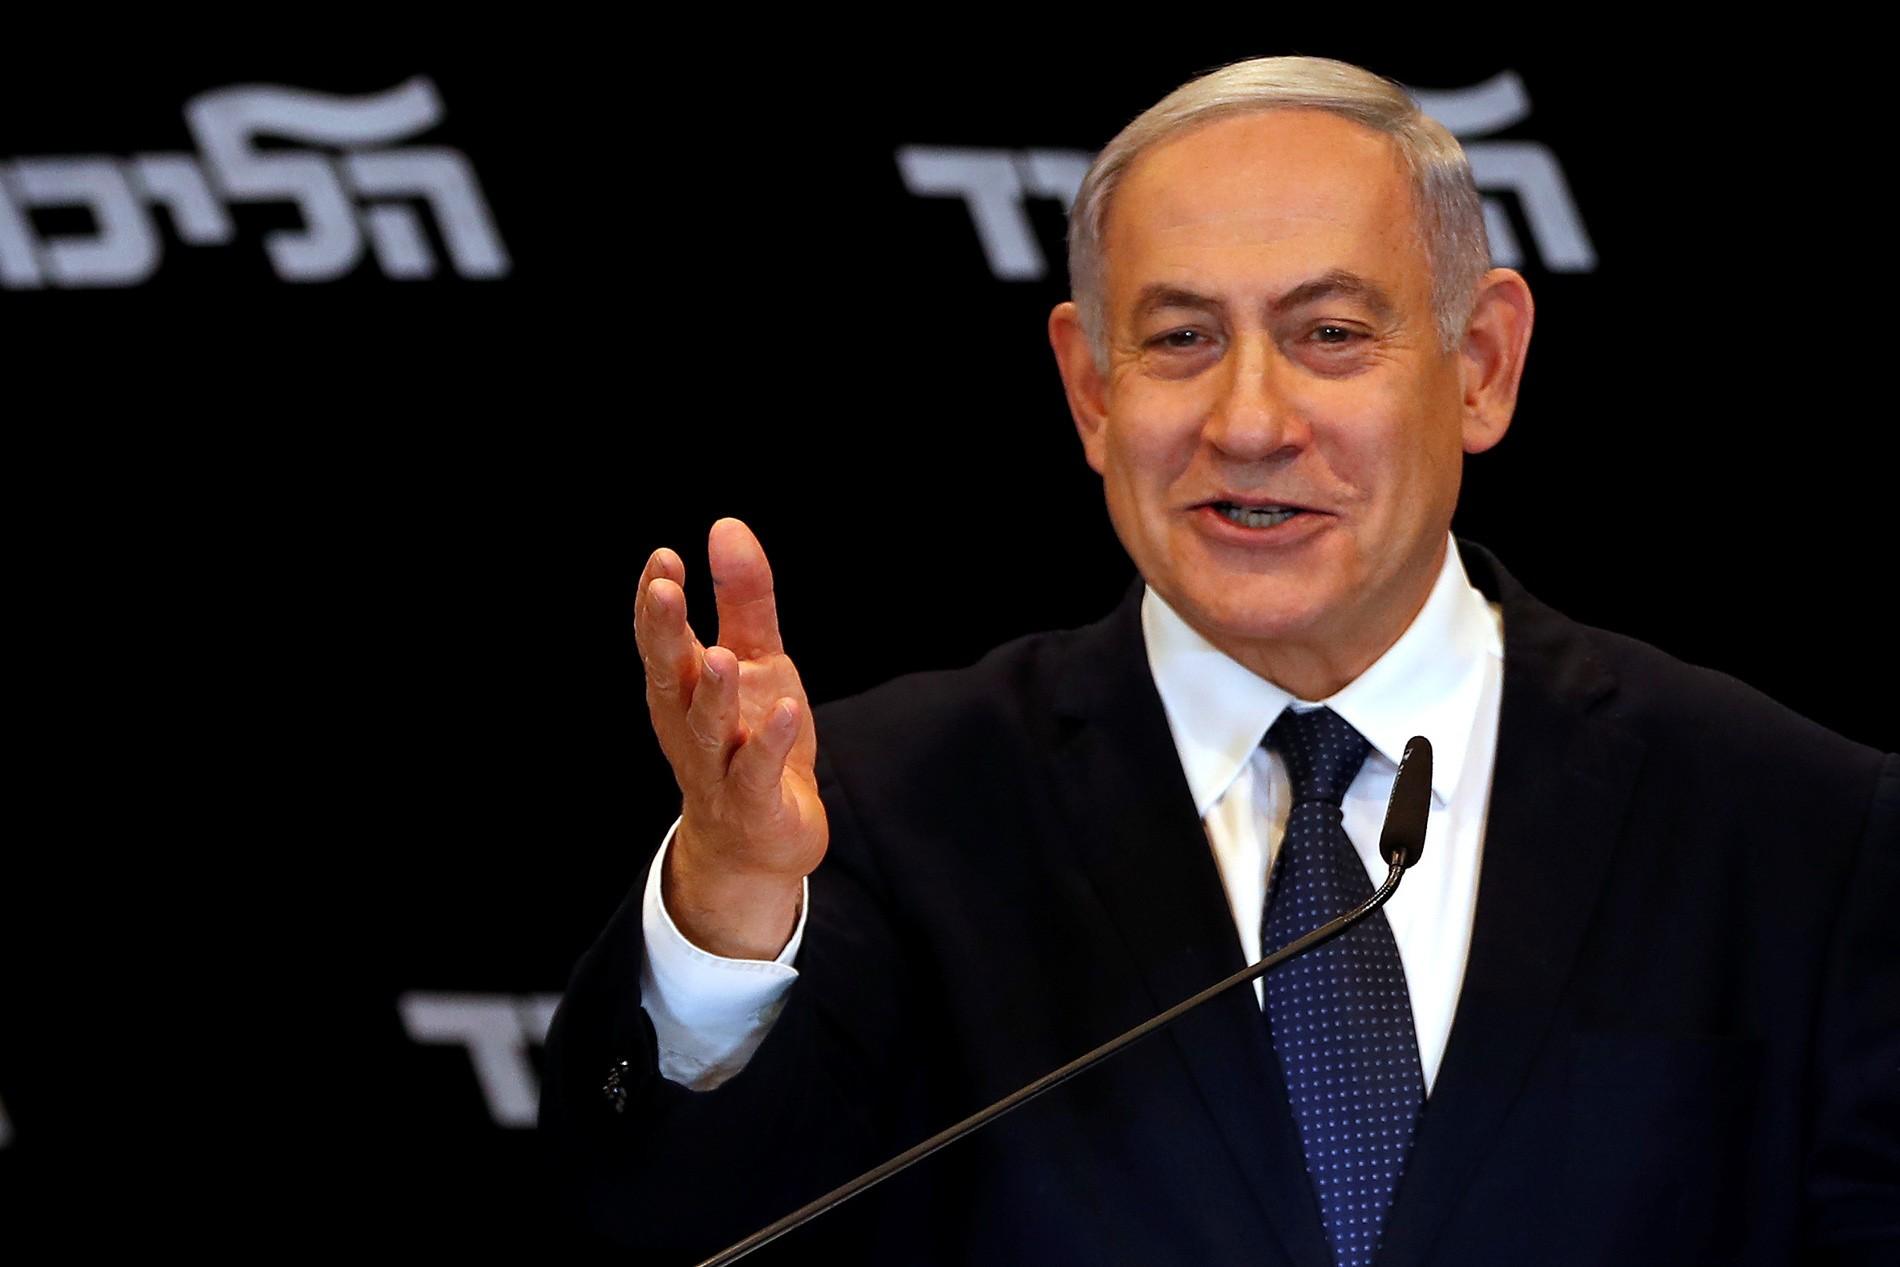 Netanyahu terá que comparecer à abertura de seu julgamento